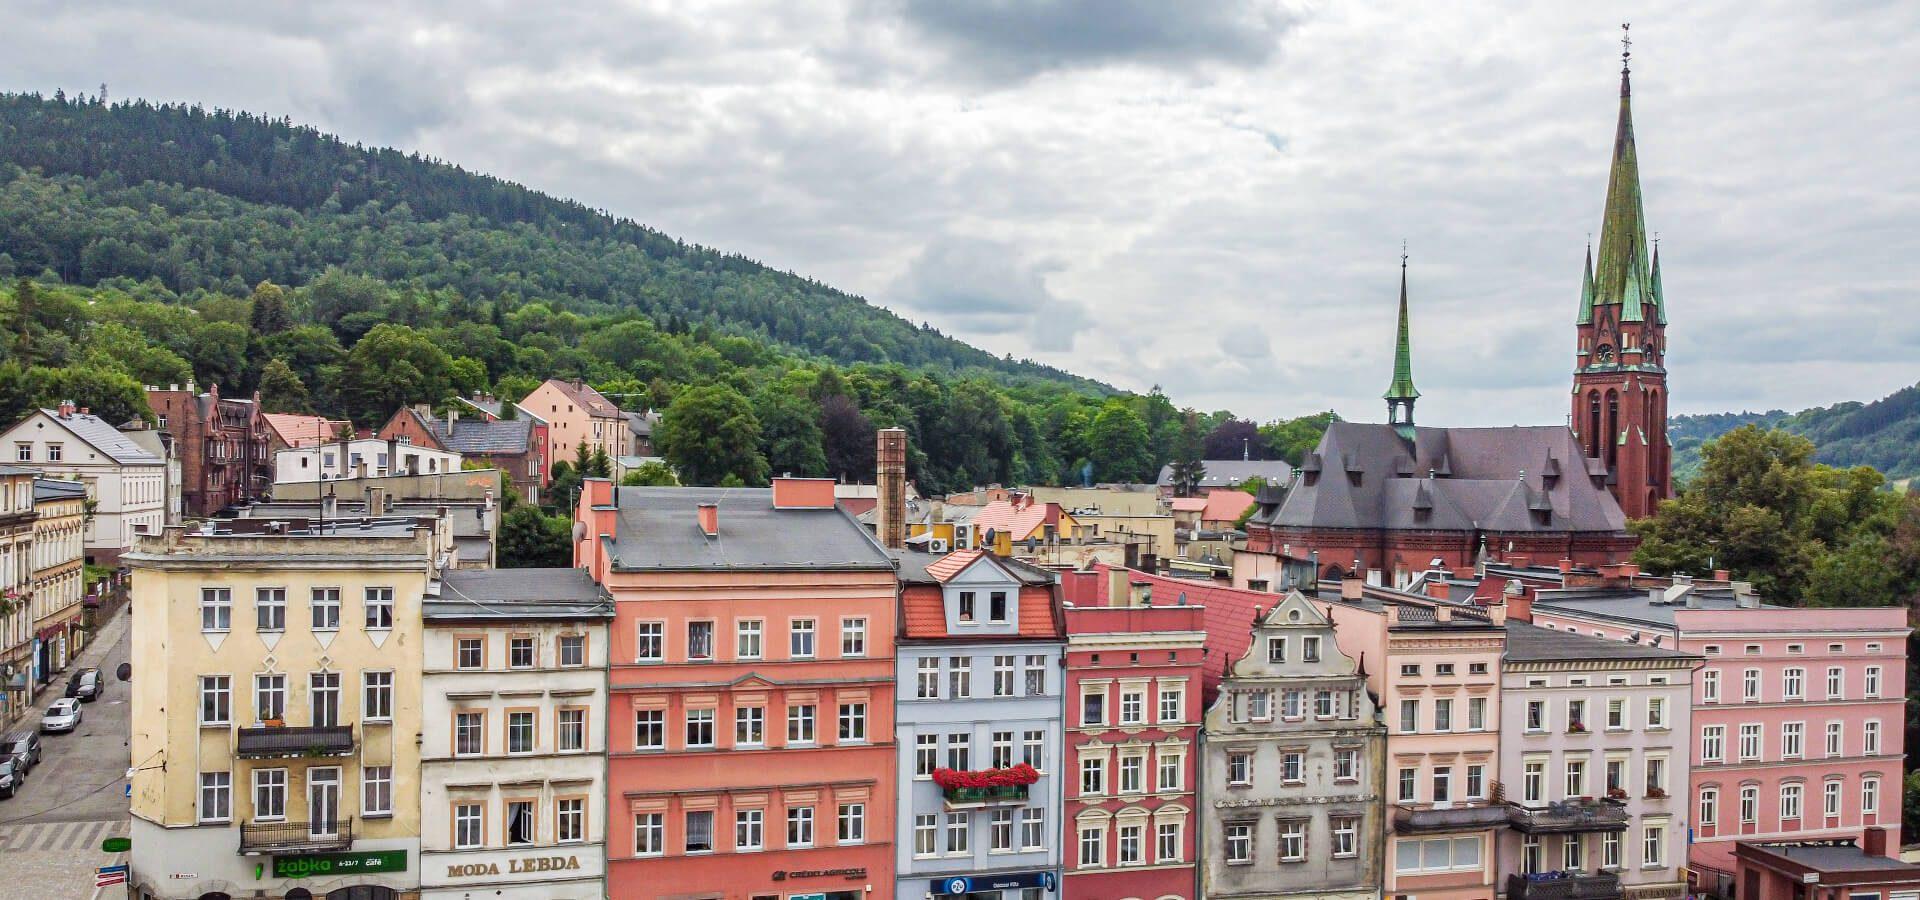 Nowa Ruda - spacerem przez miasto węgla położone w objęciach dolnośląskich gór